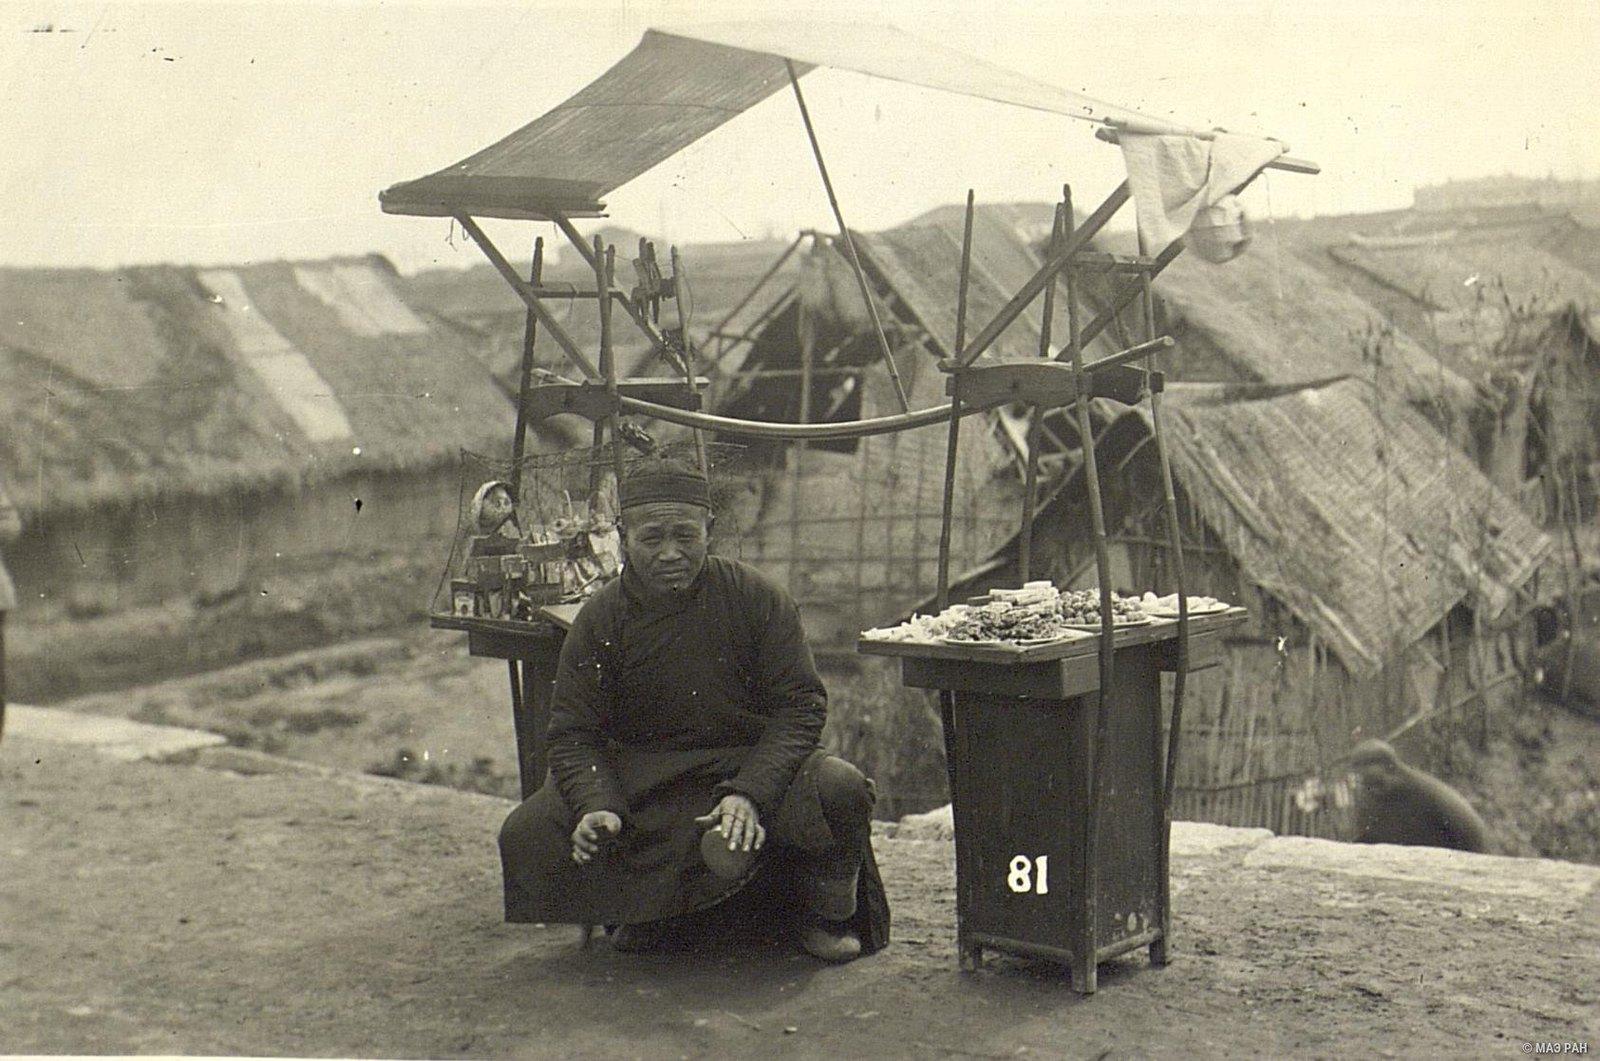 Продавец сластей и игрушек в бедняцком квартале Ханькоу